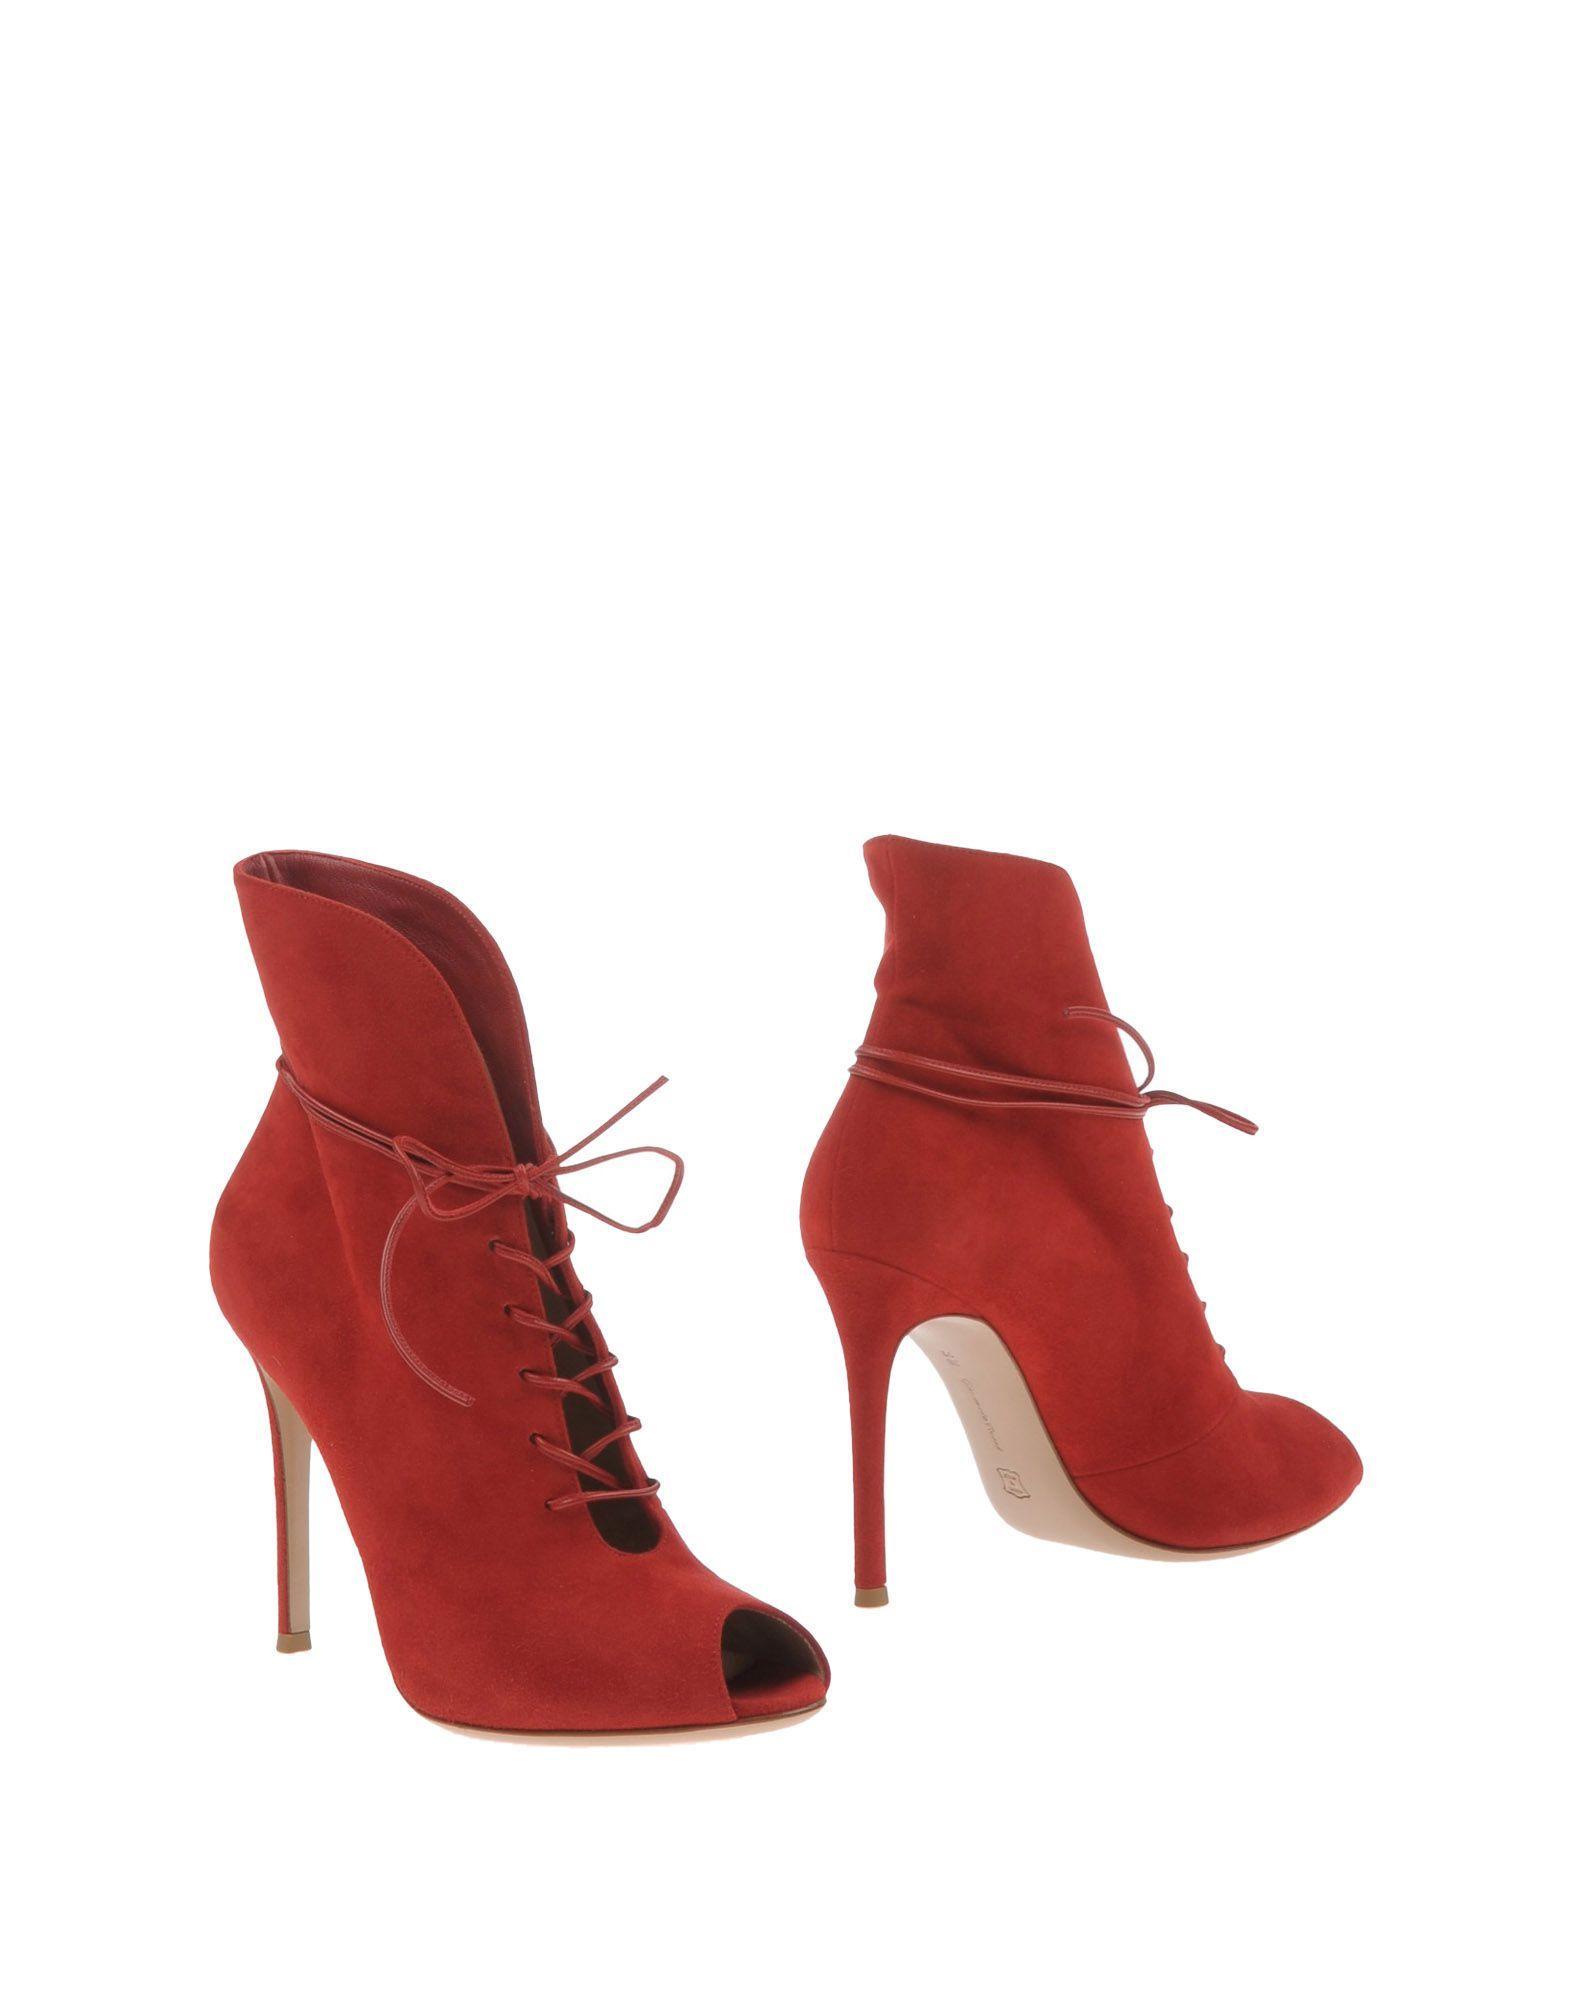 Gianvito Rossi Stiefelette Damen  11369757MJGünstige gut aussehende Schuhe